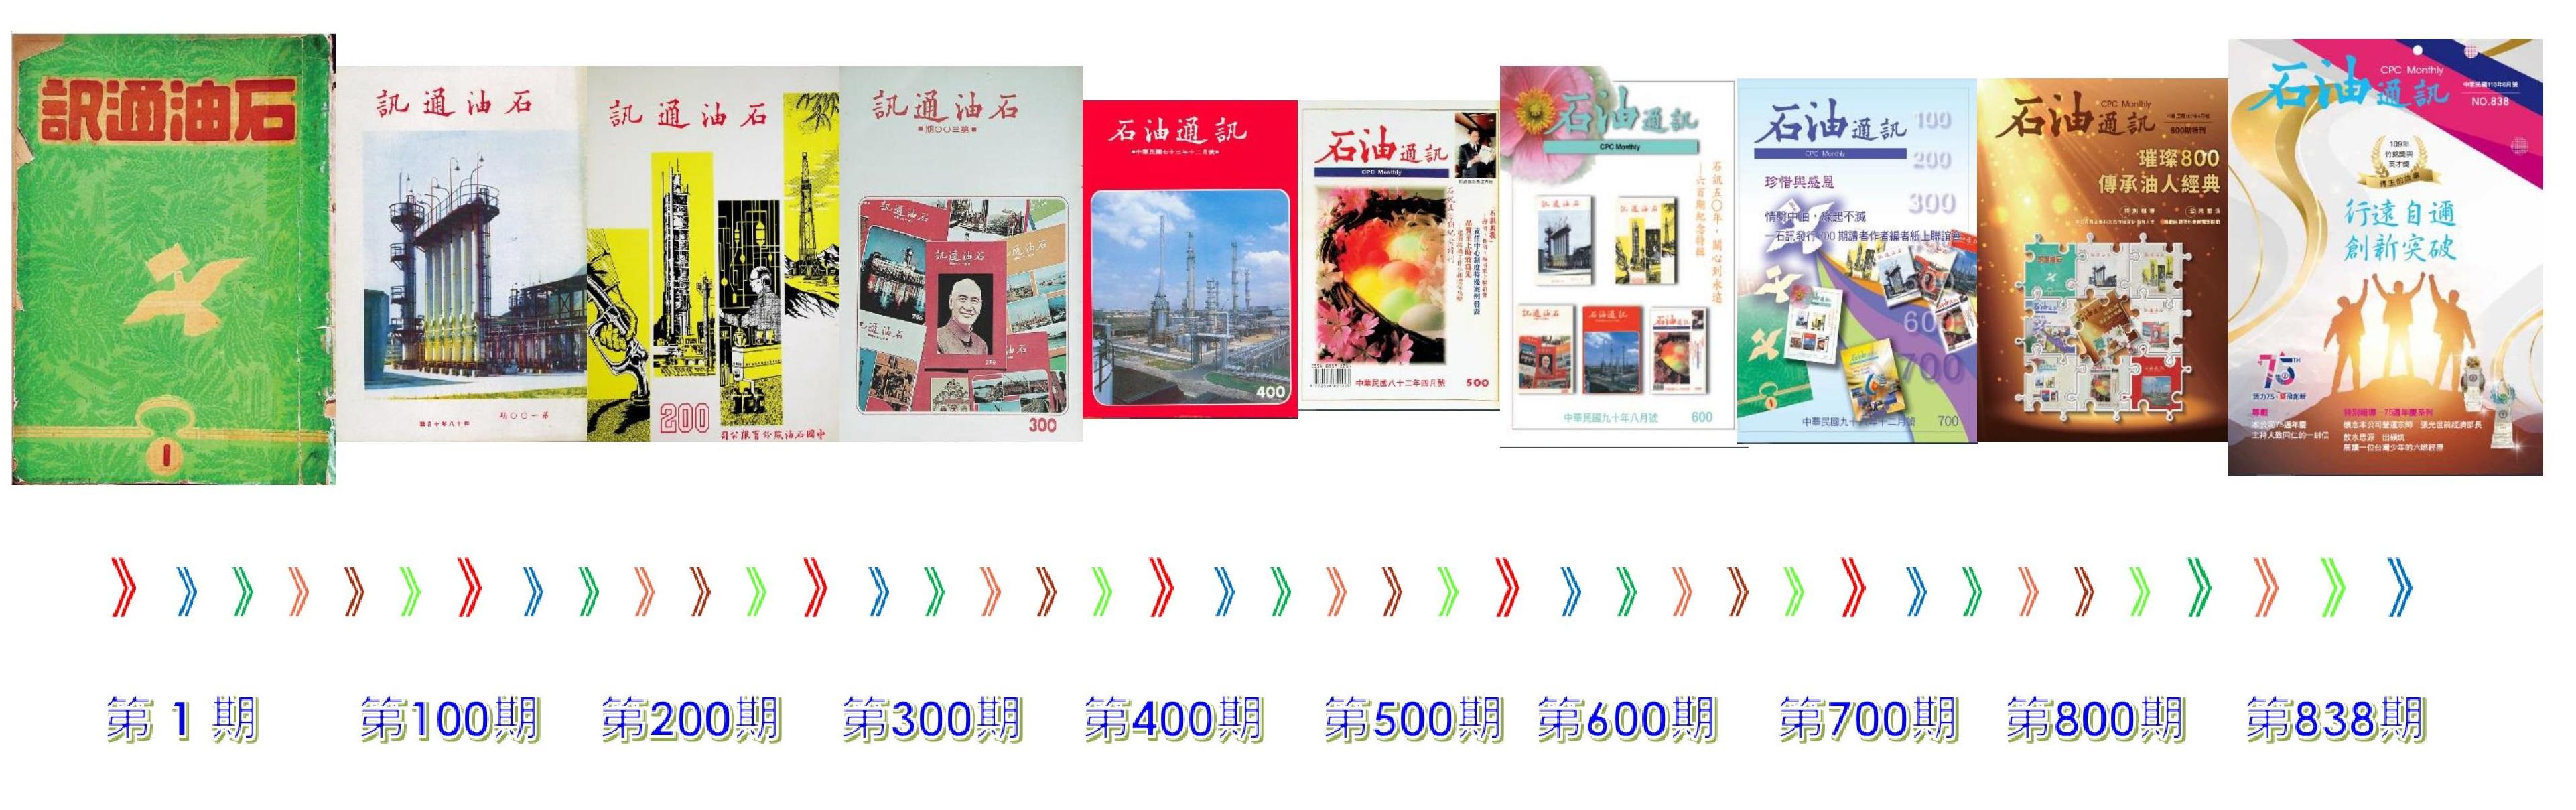 台灣中油石油通訊數位典藏百期精選沿革視覺效果圖片